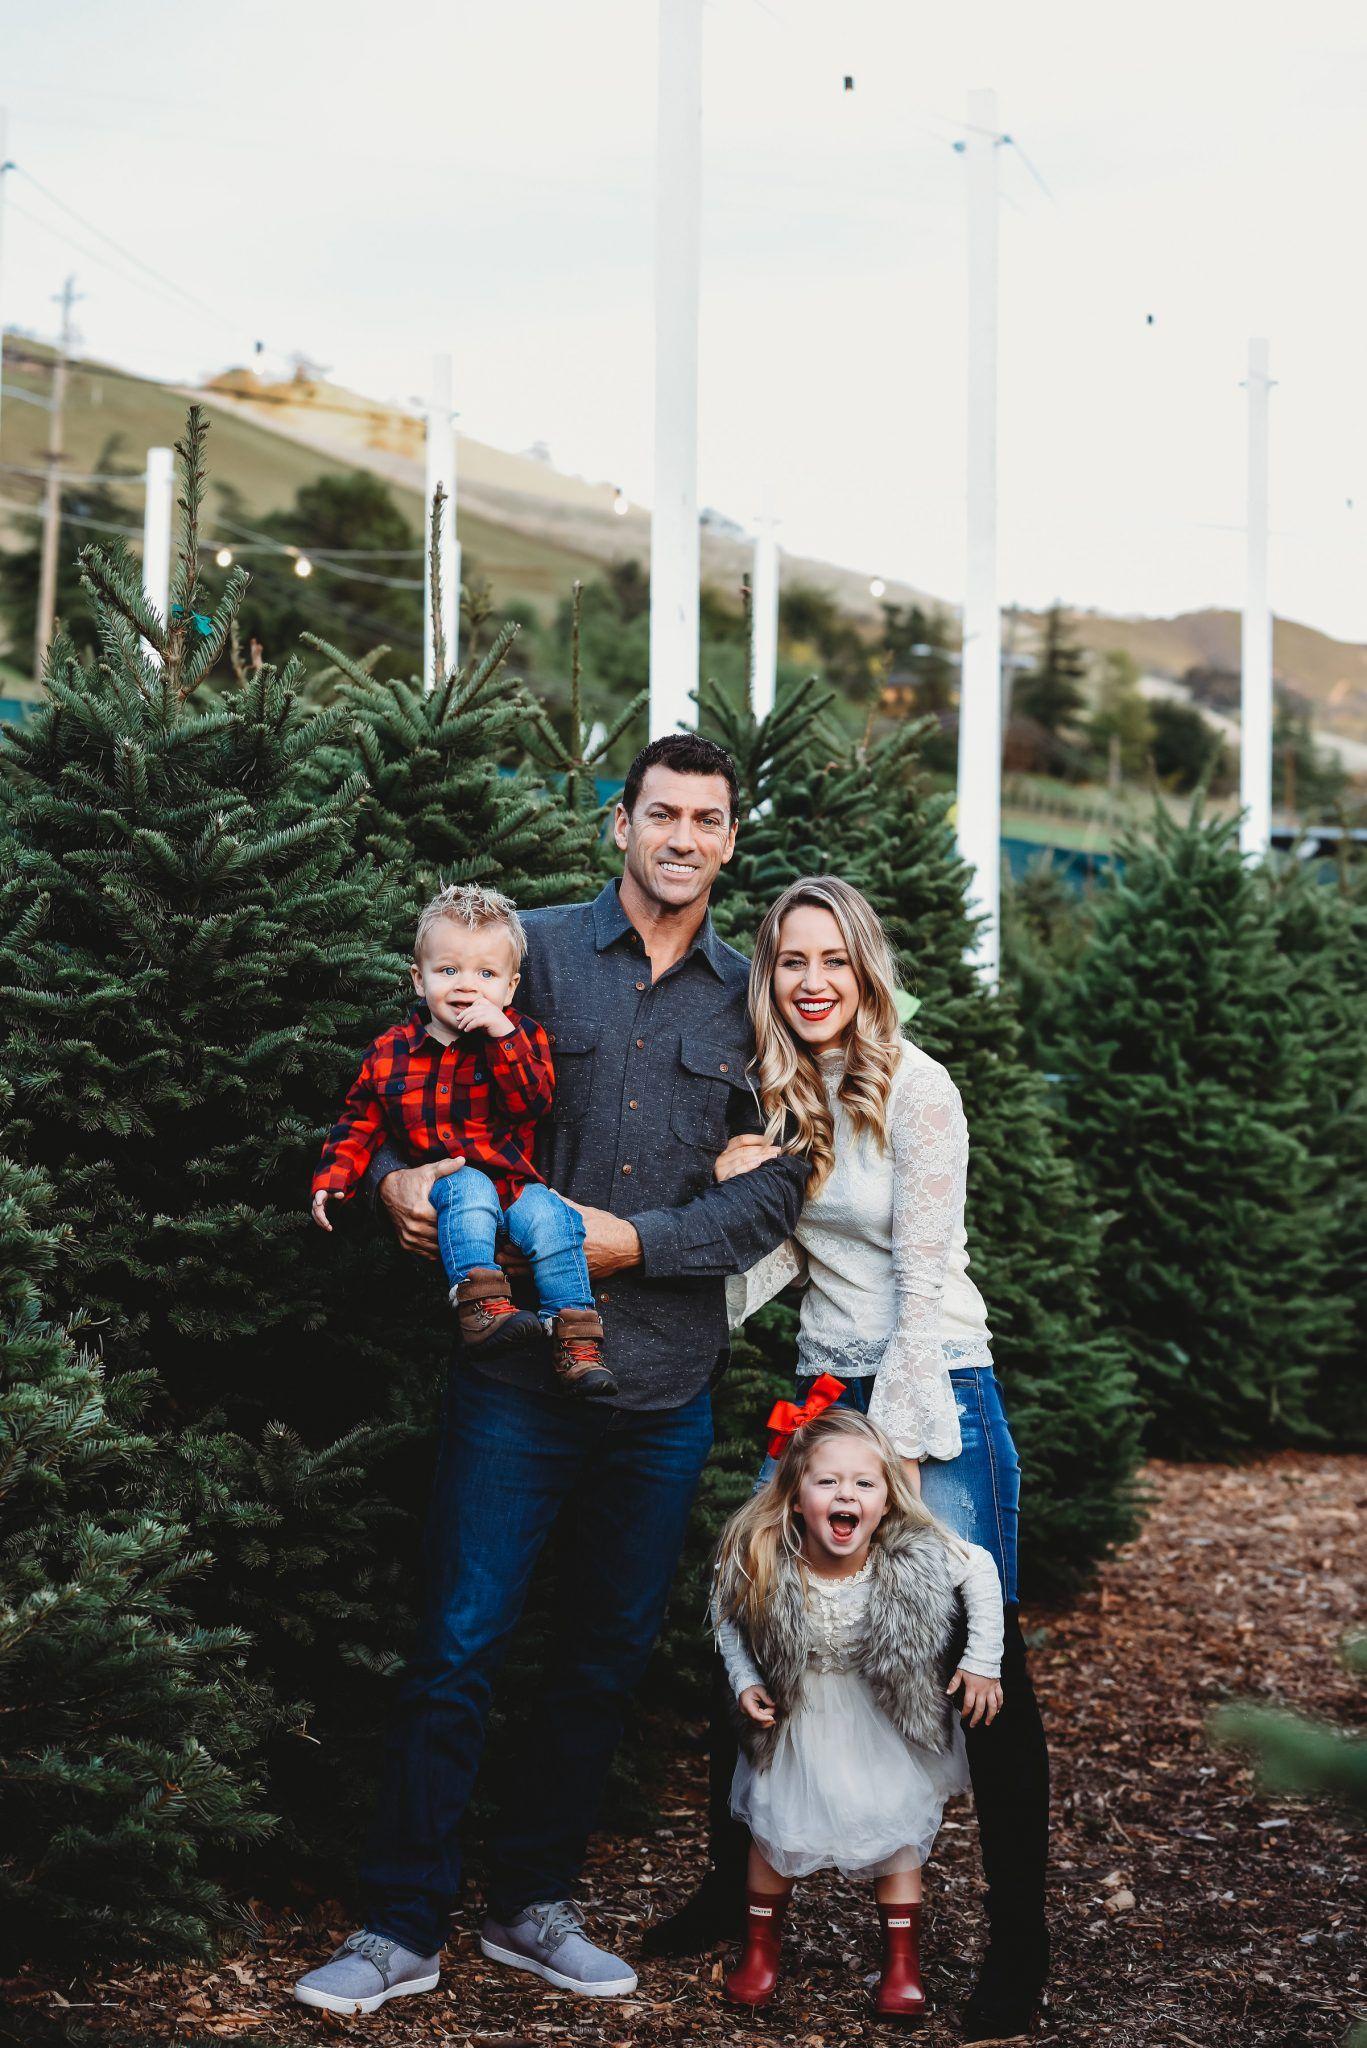 Holiday Family Photos Christmas Tree Farm Photos Family Holiday Photos Tree Farm Photo Shoot